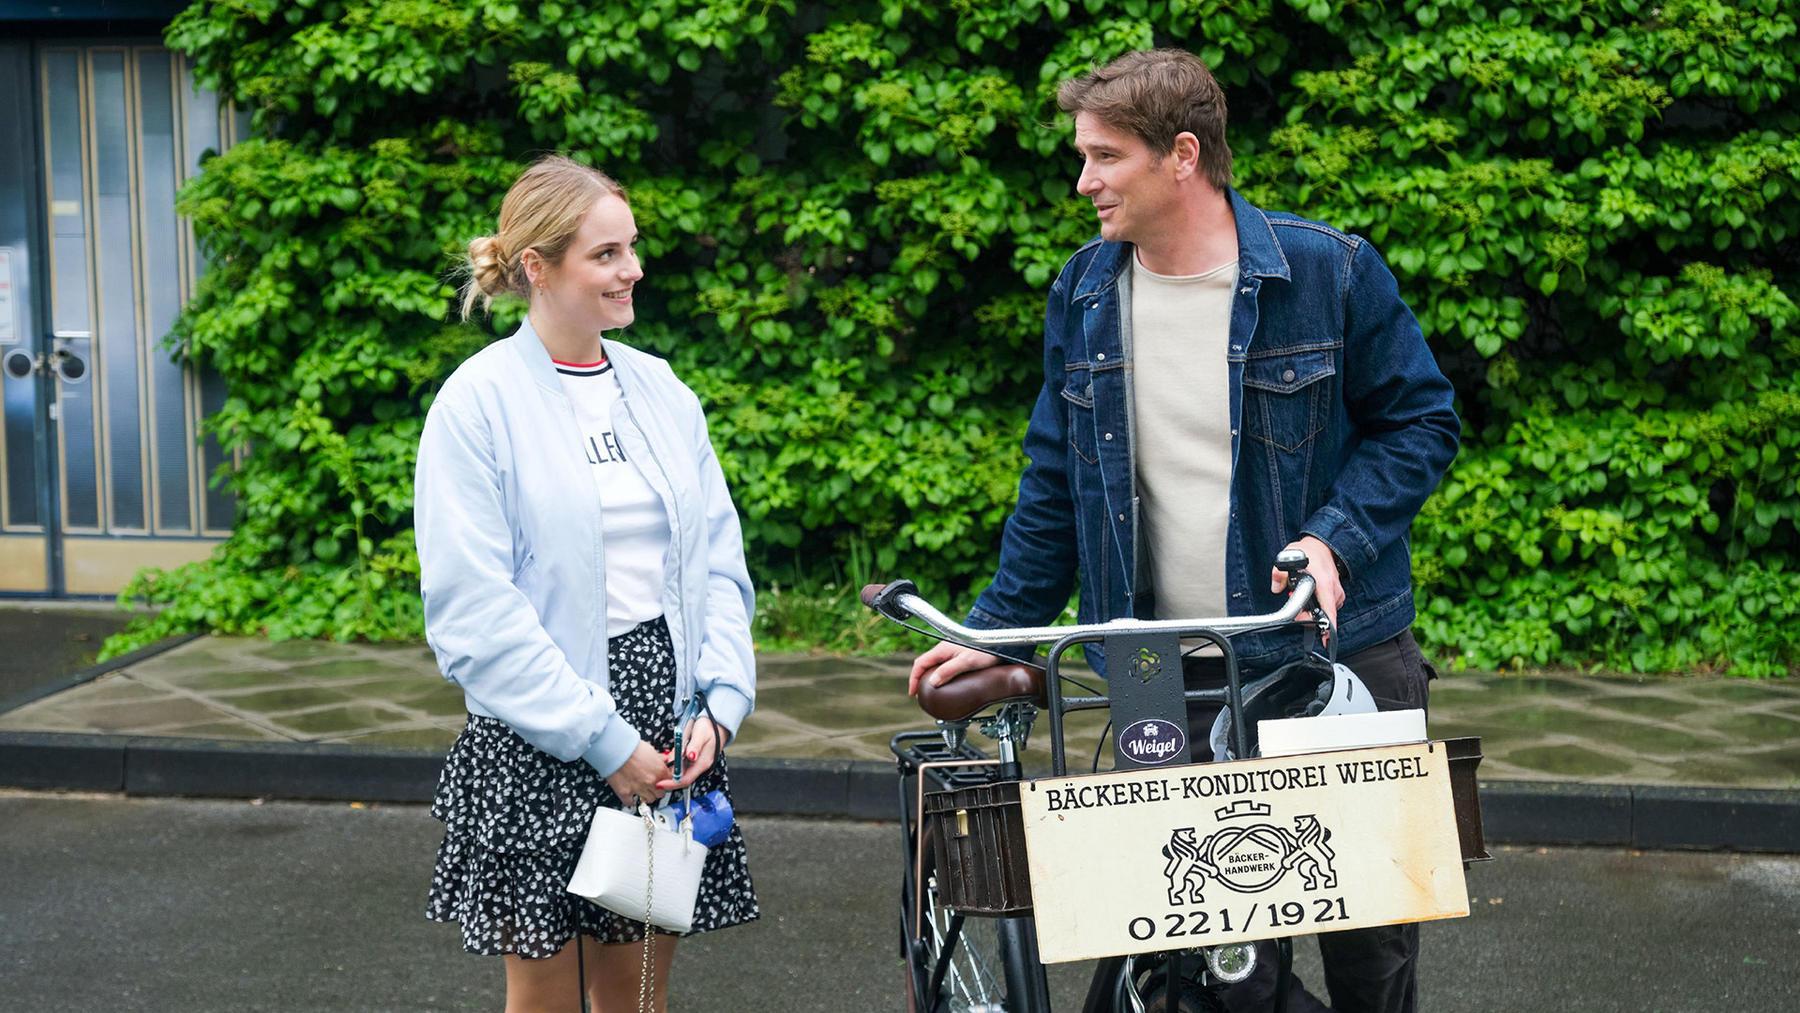 Chris überredet Cecilia zu einer Vater-Tochter-Aktion